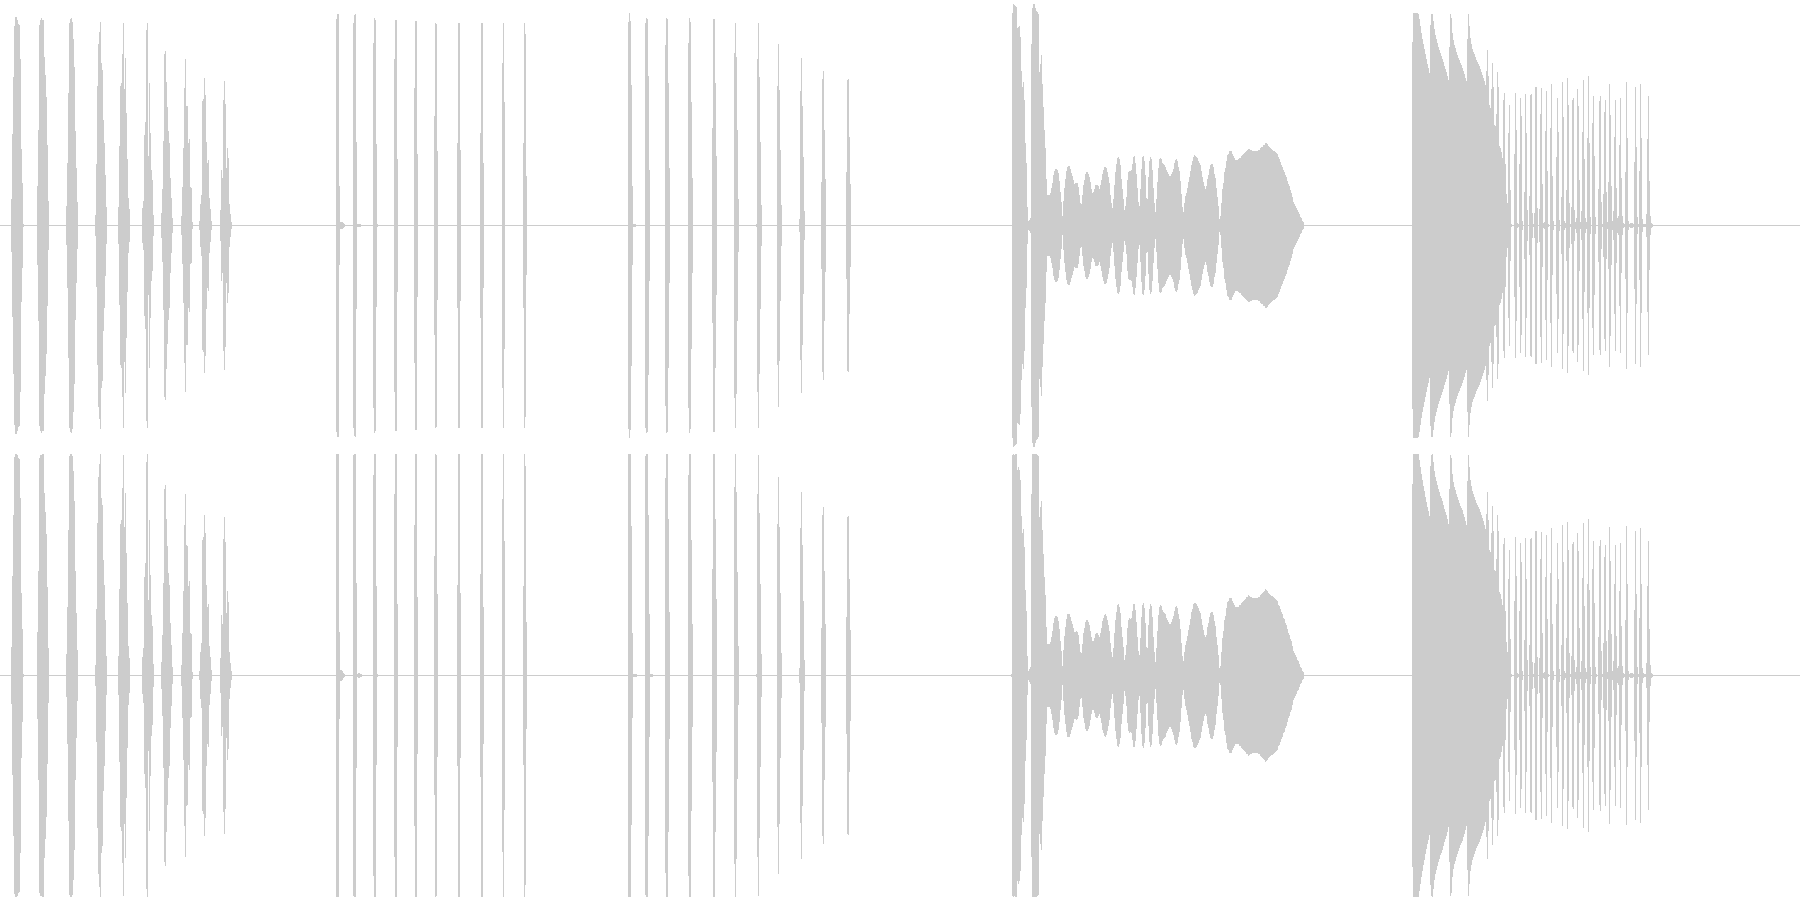 【未来の対話型コンピュータがダウン!2】の未再生の波形